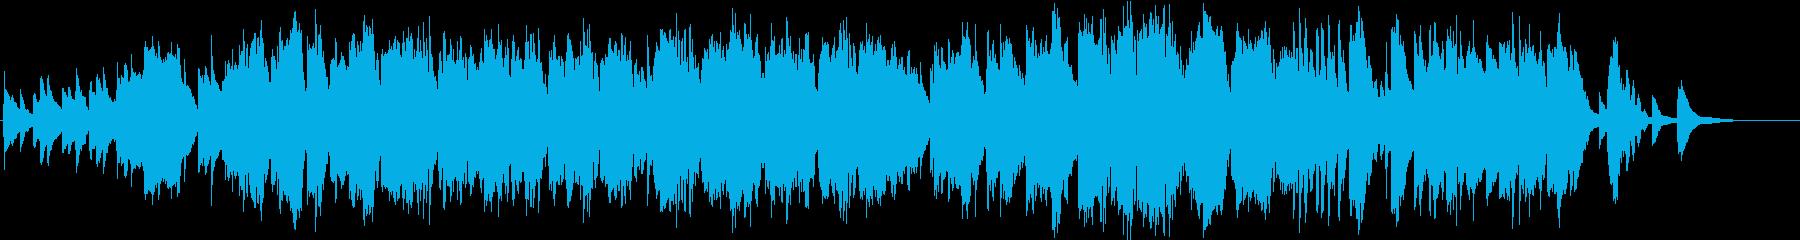 笛とピアノによるアンビエントな小曲の再生済みの波形